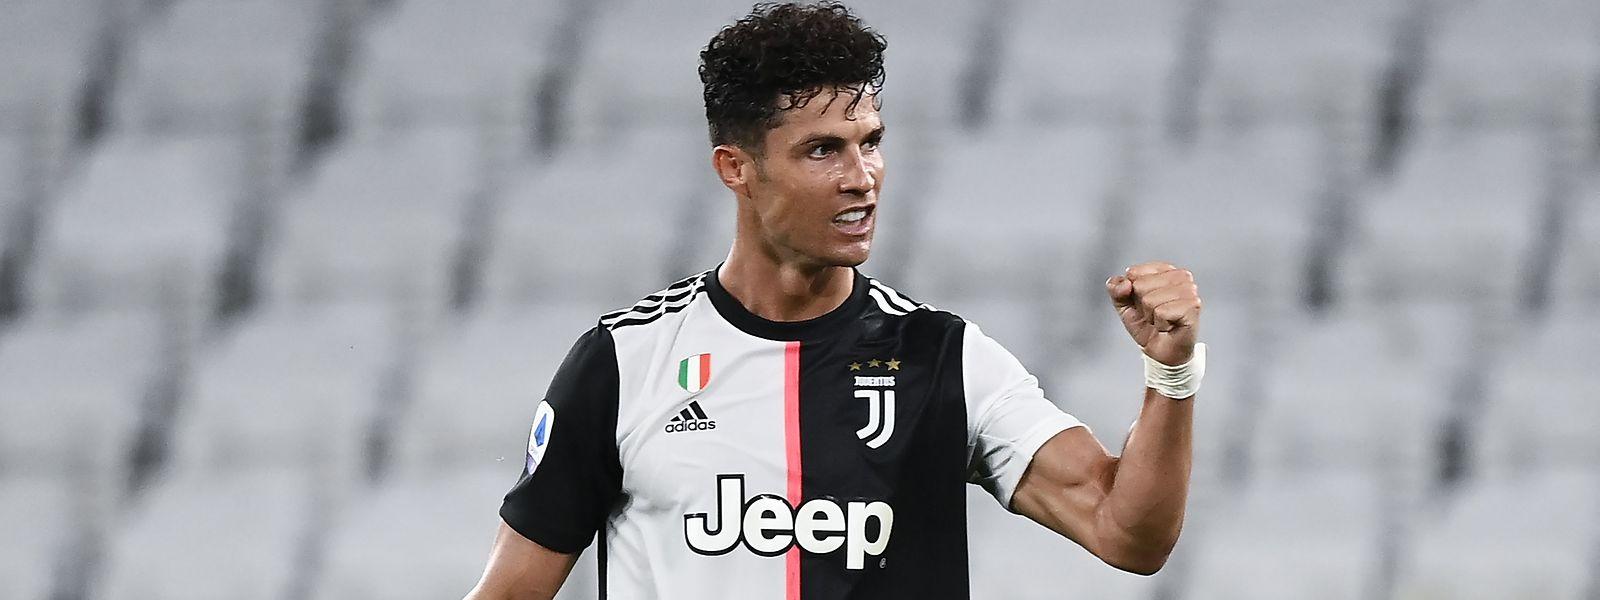 Cristiano Ronaldo affiche déjà 31 buts au compteur alors qu'il reste encore deux rencontres à disputer.